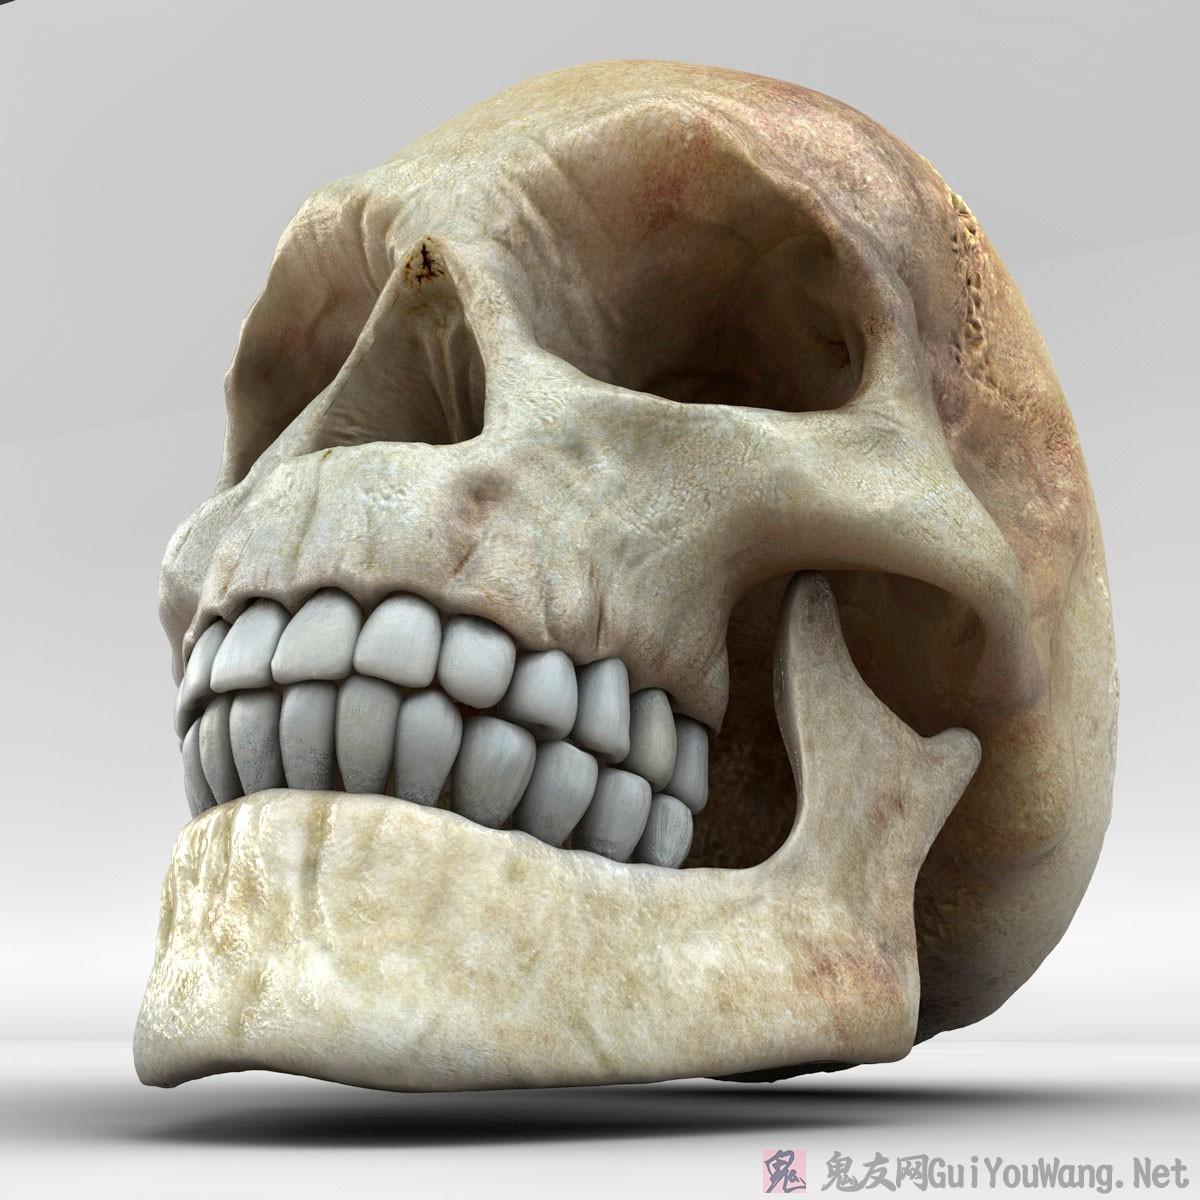 一组高清晰骷髅头骨壁纸素材